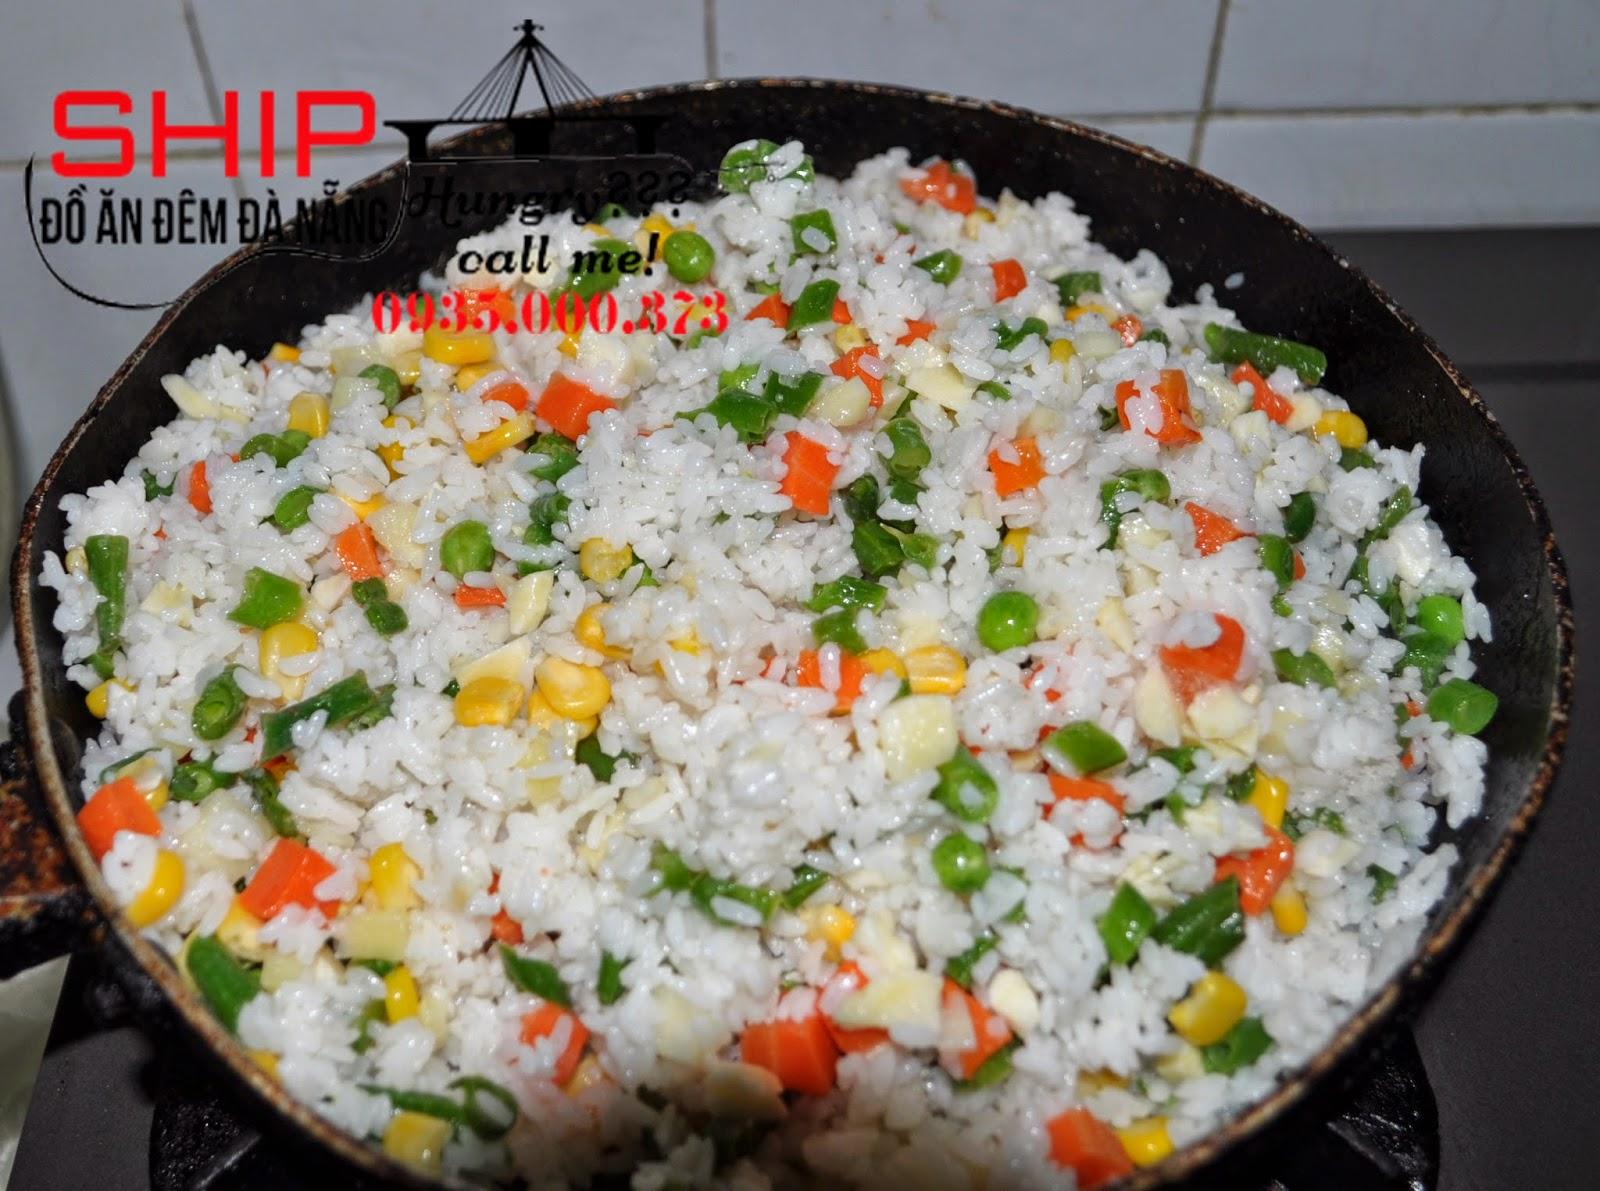 Com chien duong chau - Ship do an dem Da Nang